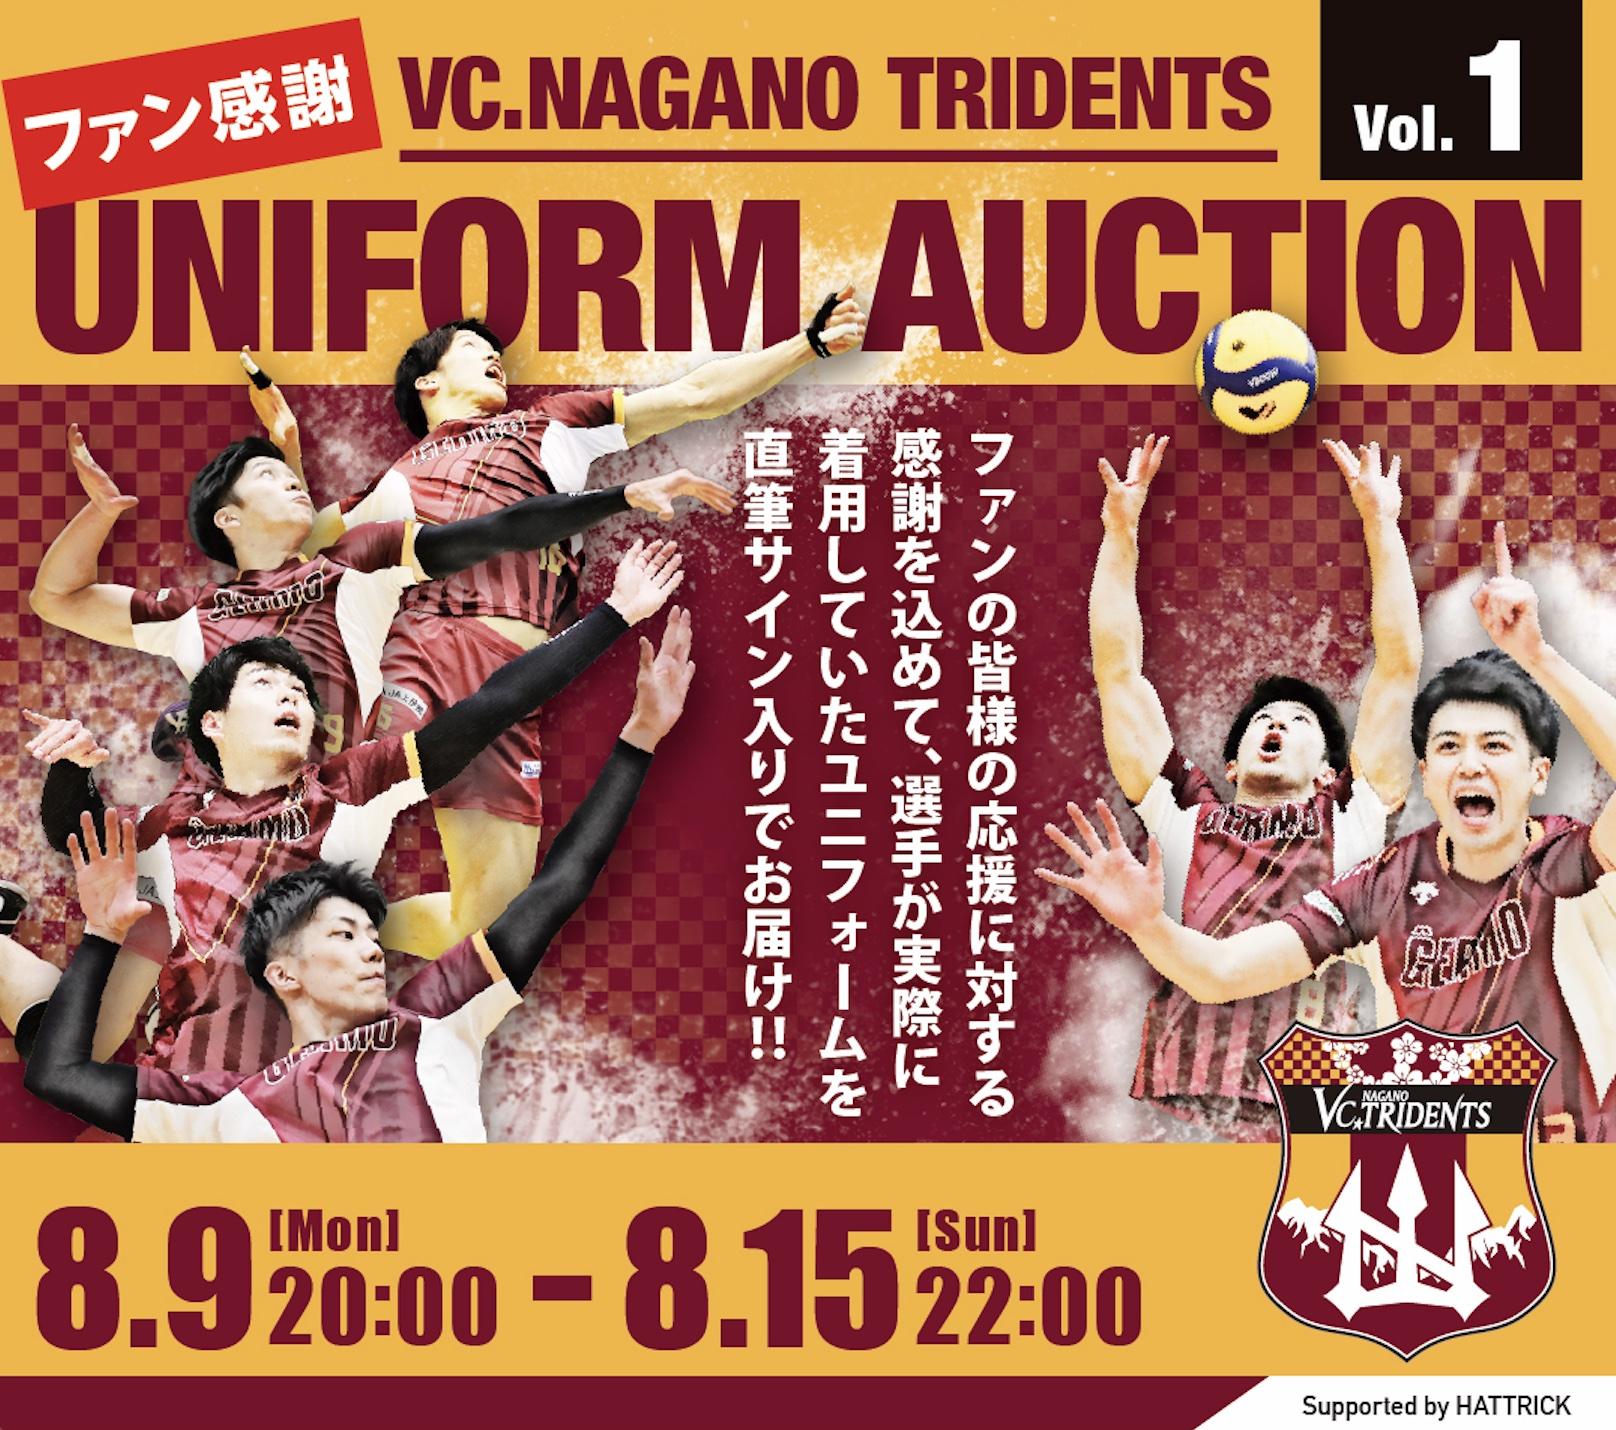 VC長野トライデンツ ファン感謝ユニフォームオークションVOL.1